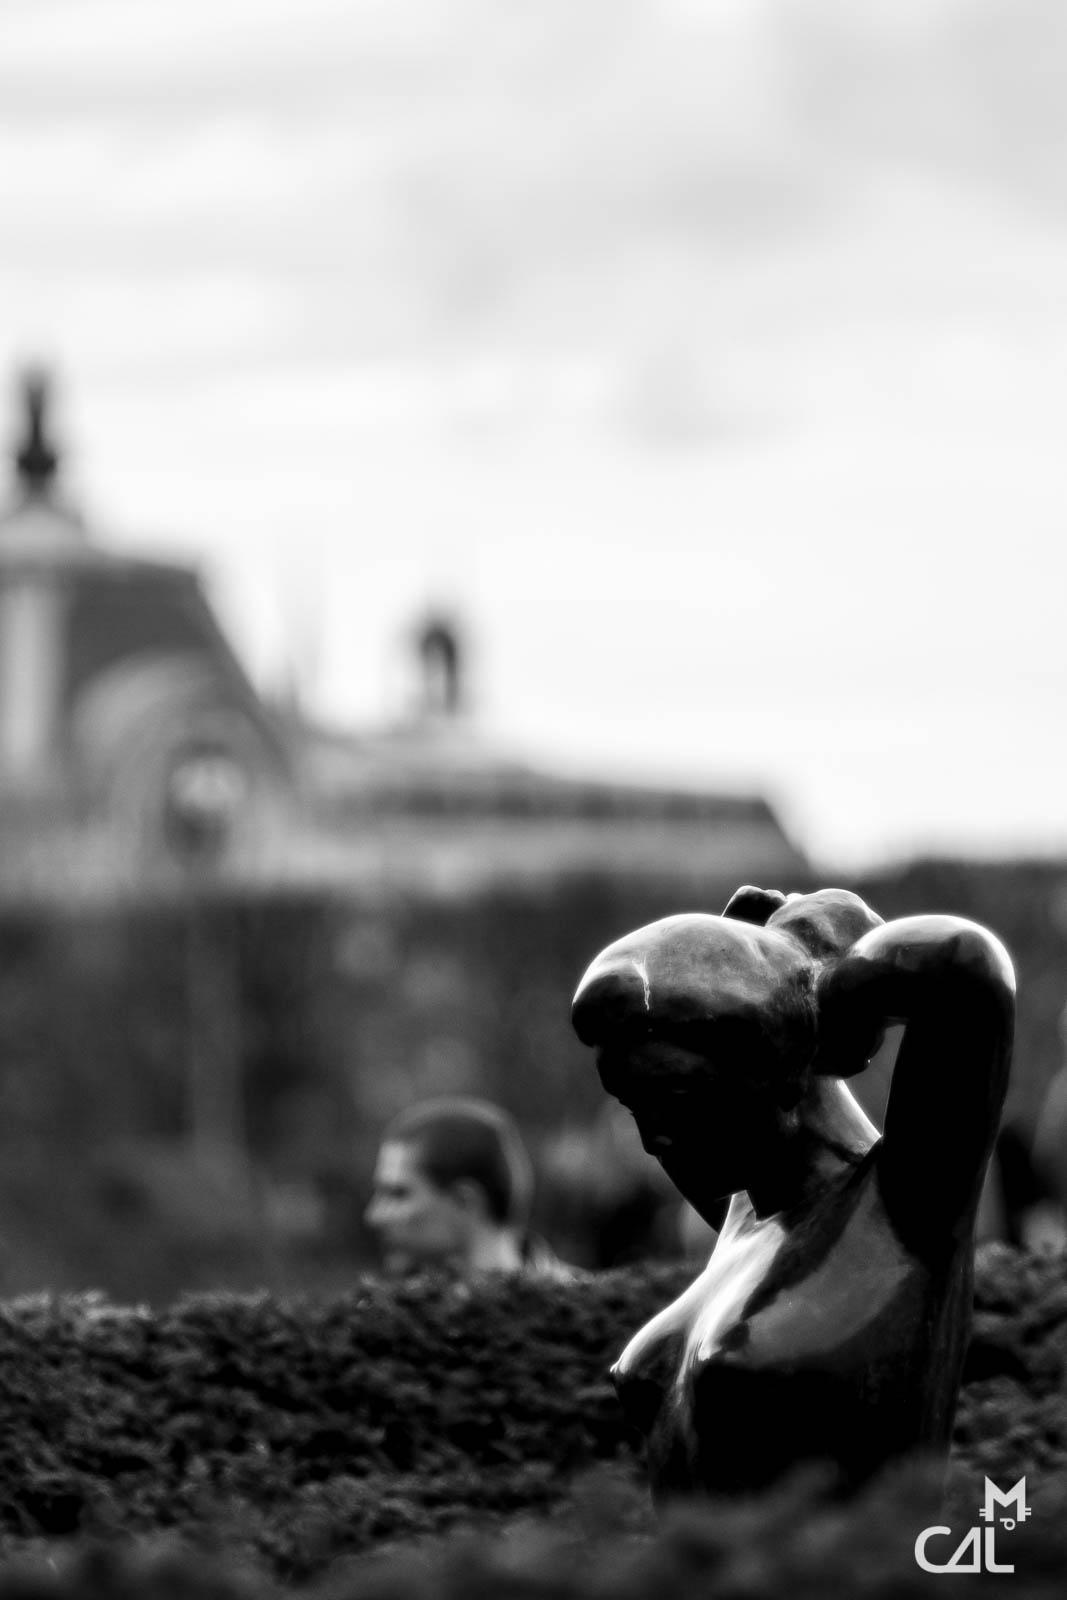 Jardin des tuileries couple contre nature mon chat for Au jardin des tuileries